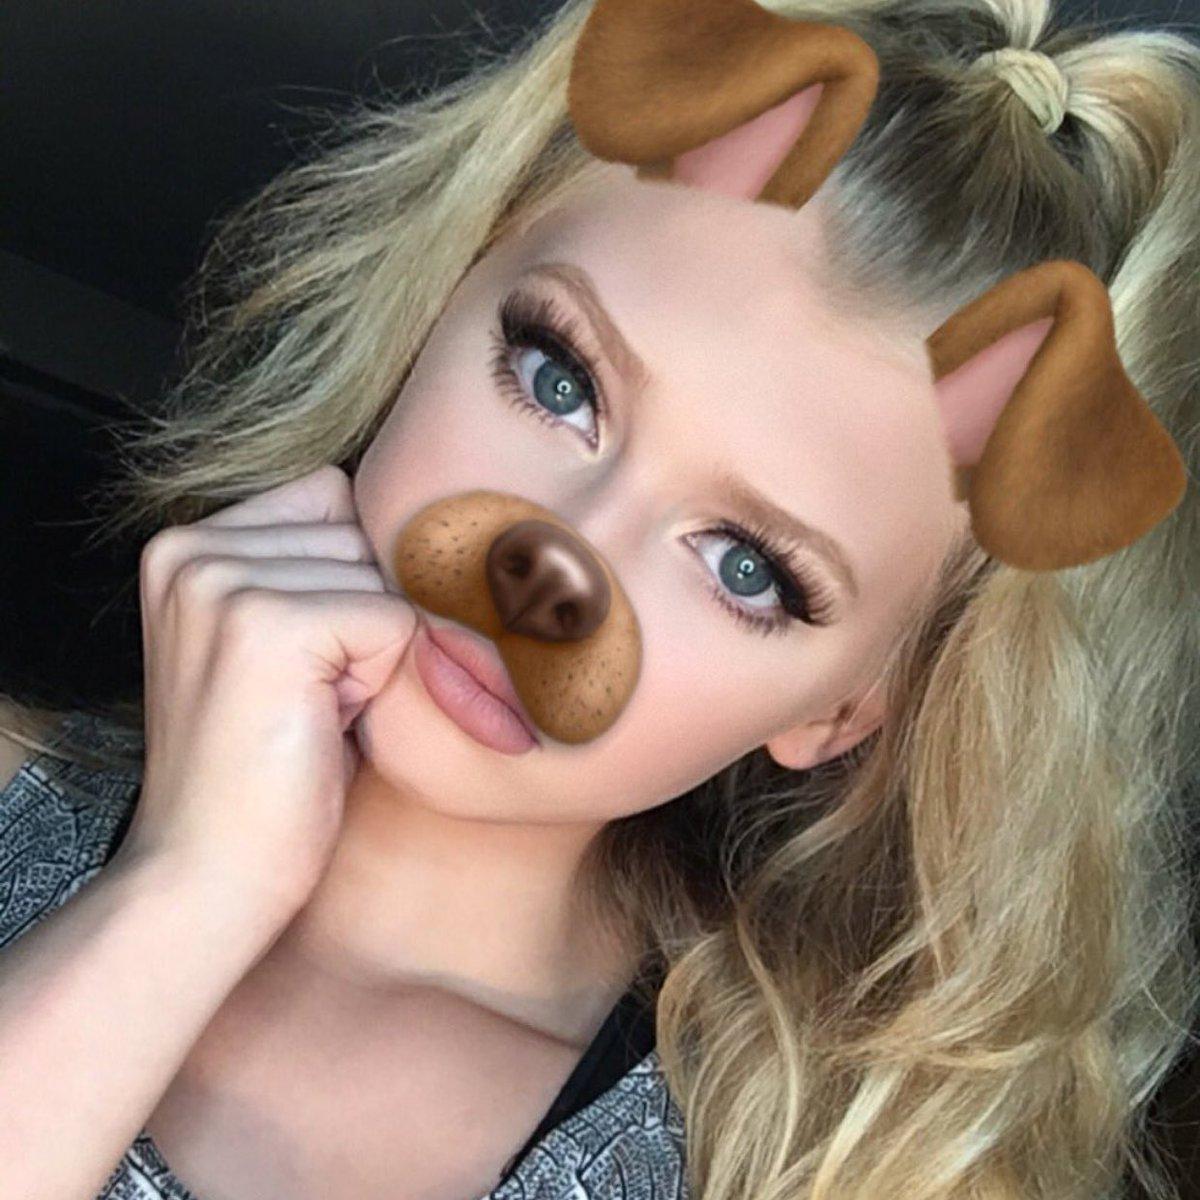 real teens makeup